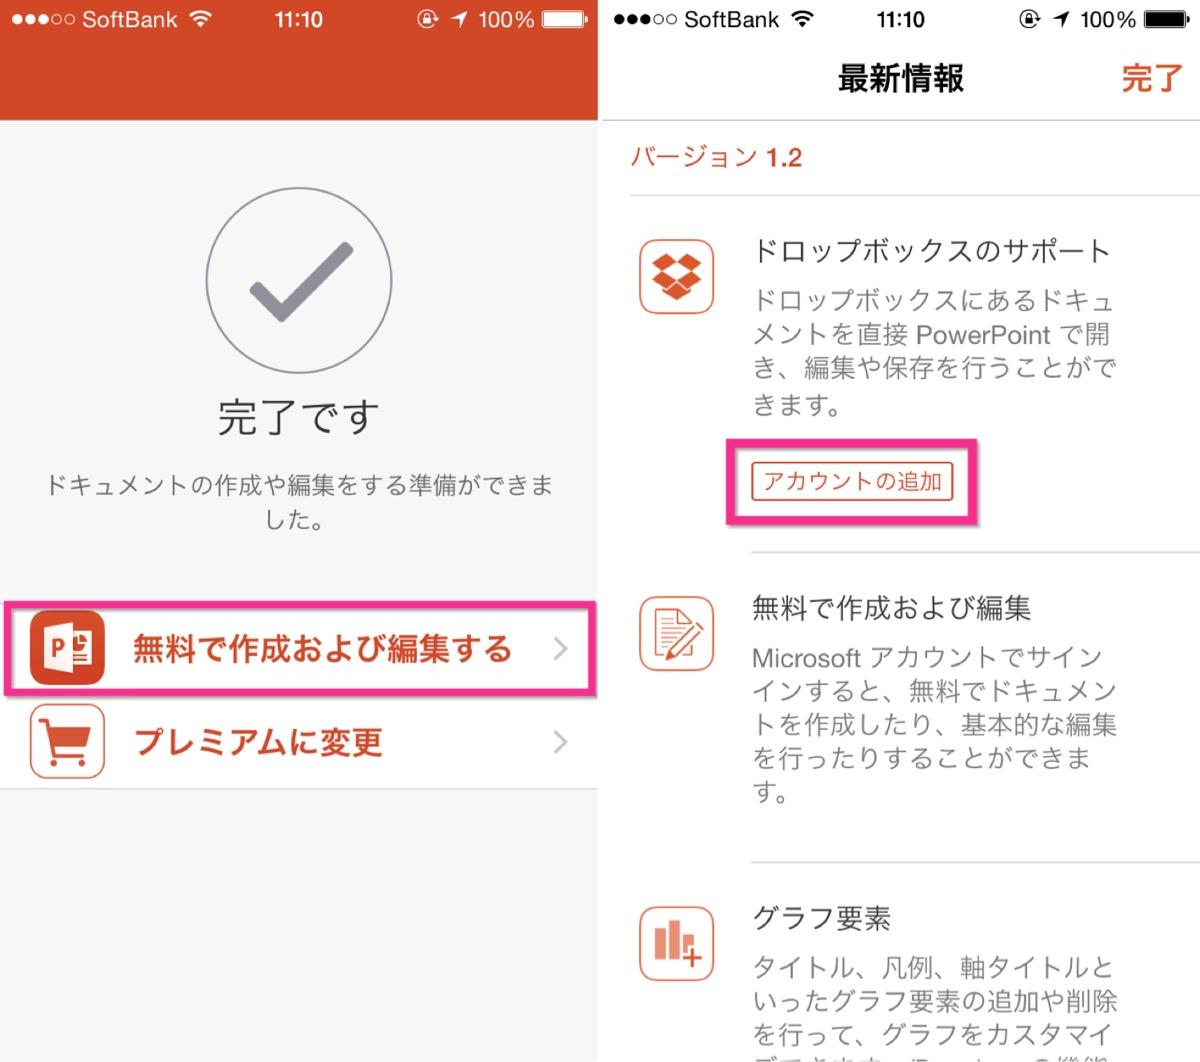 powerpoint_iphoneアプリ